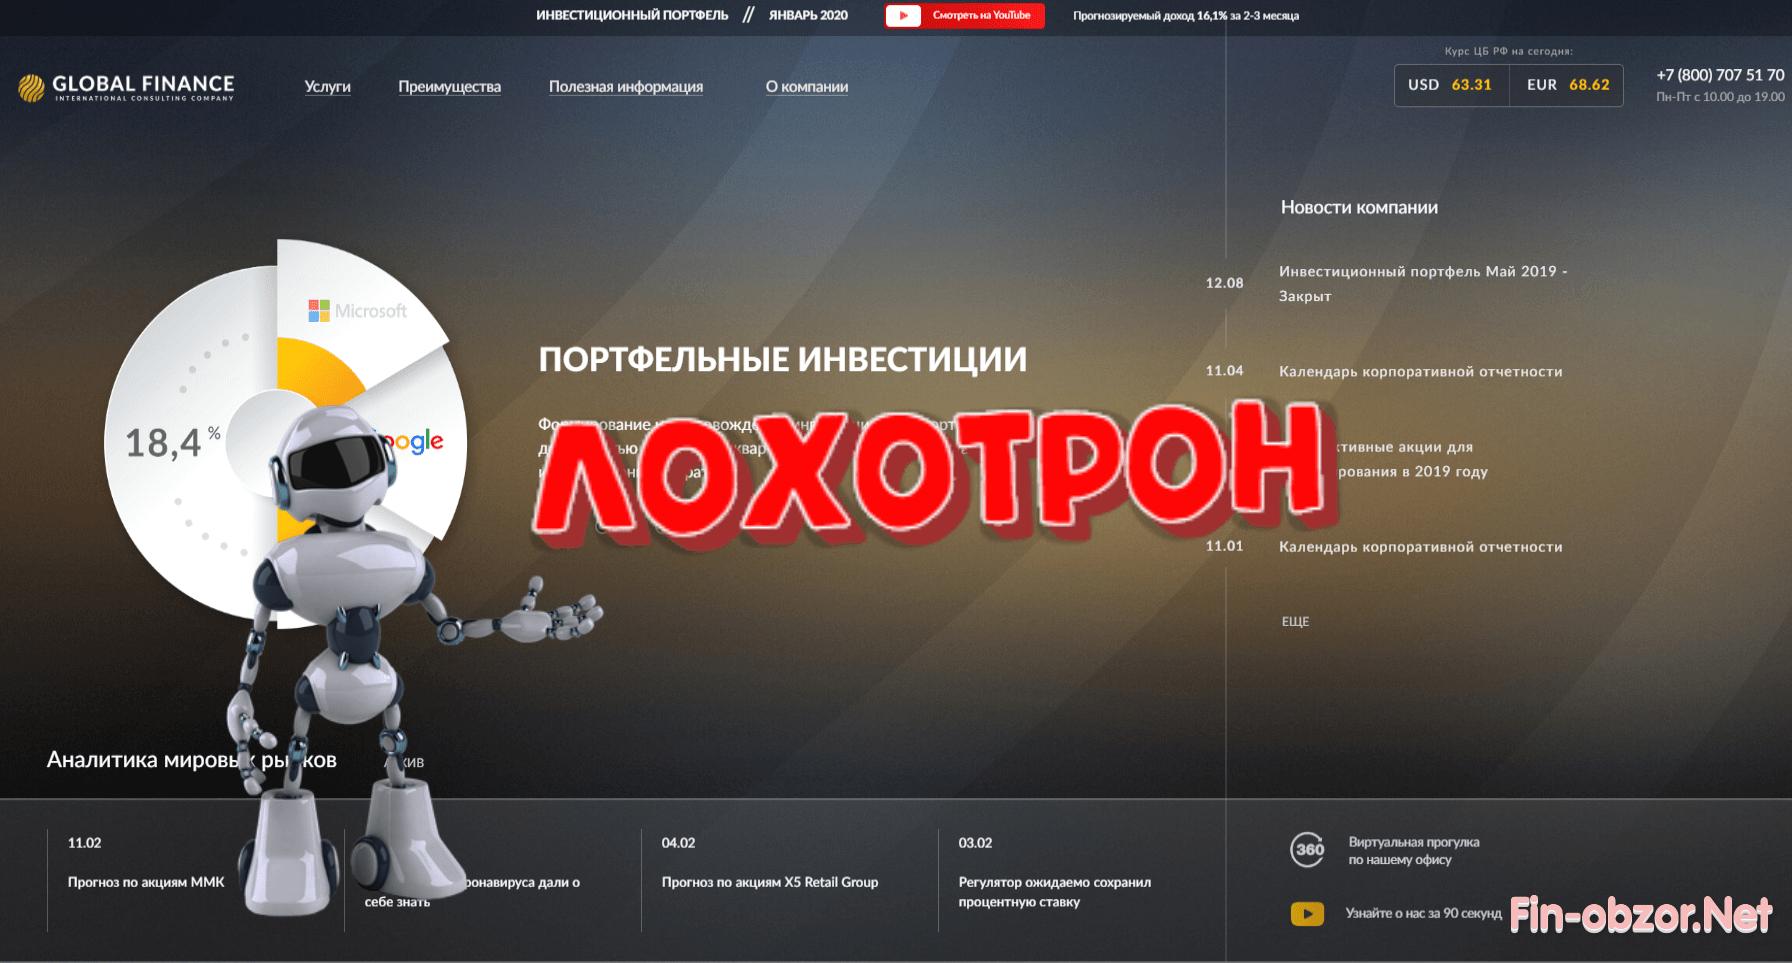 Global Finance - какие отзывы вкладчиков? Инвестиции в акции с glob-finance.ru